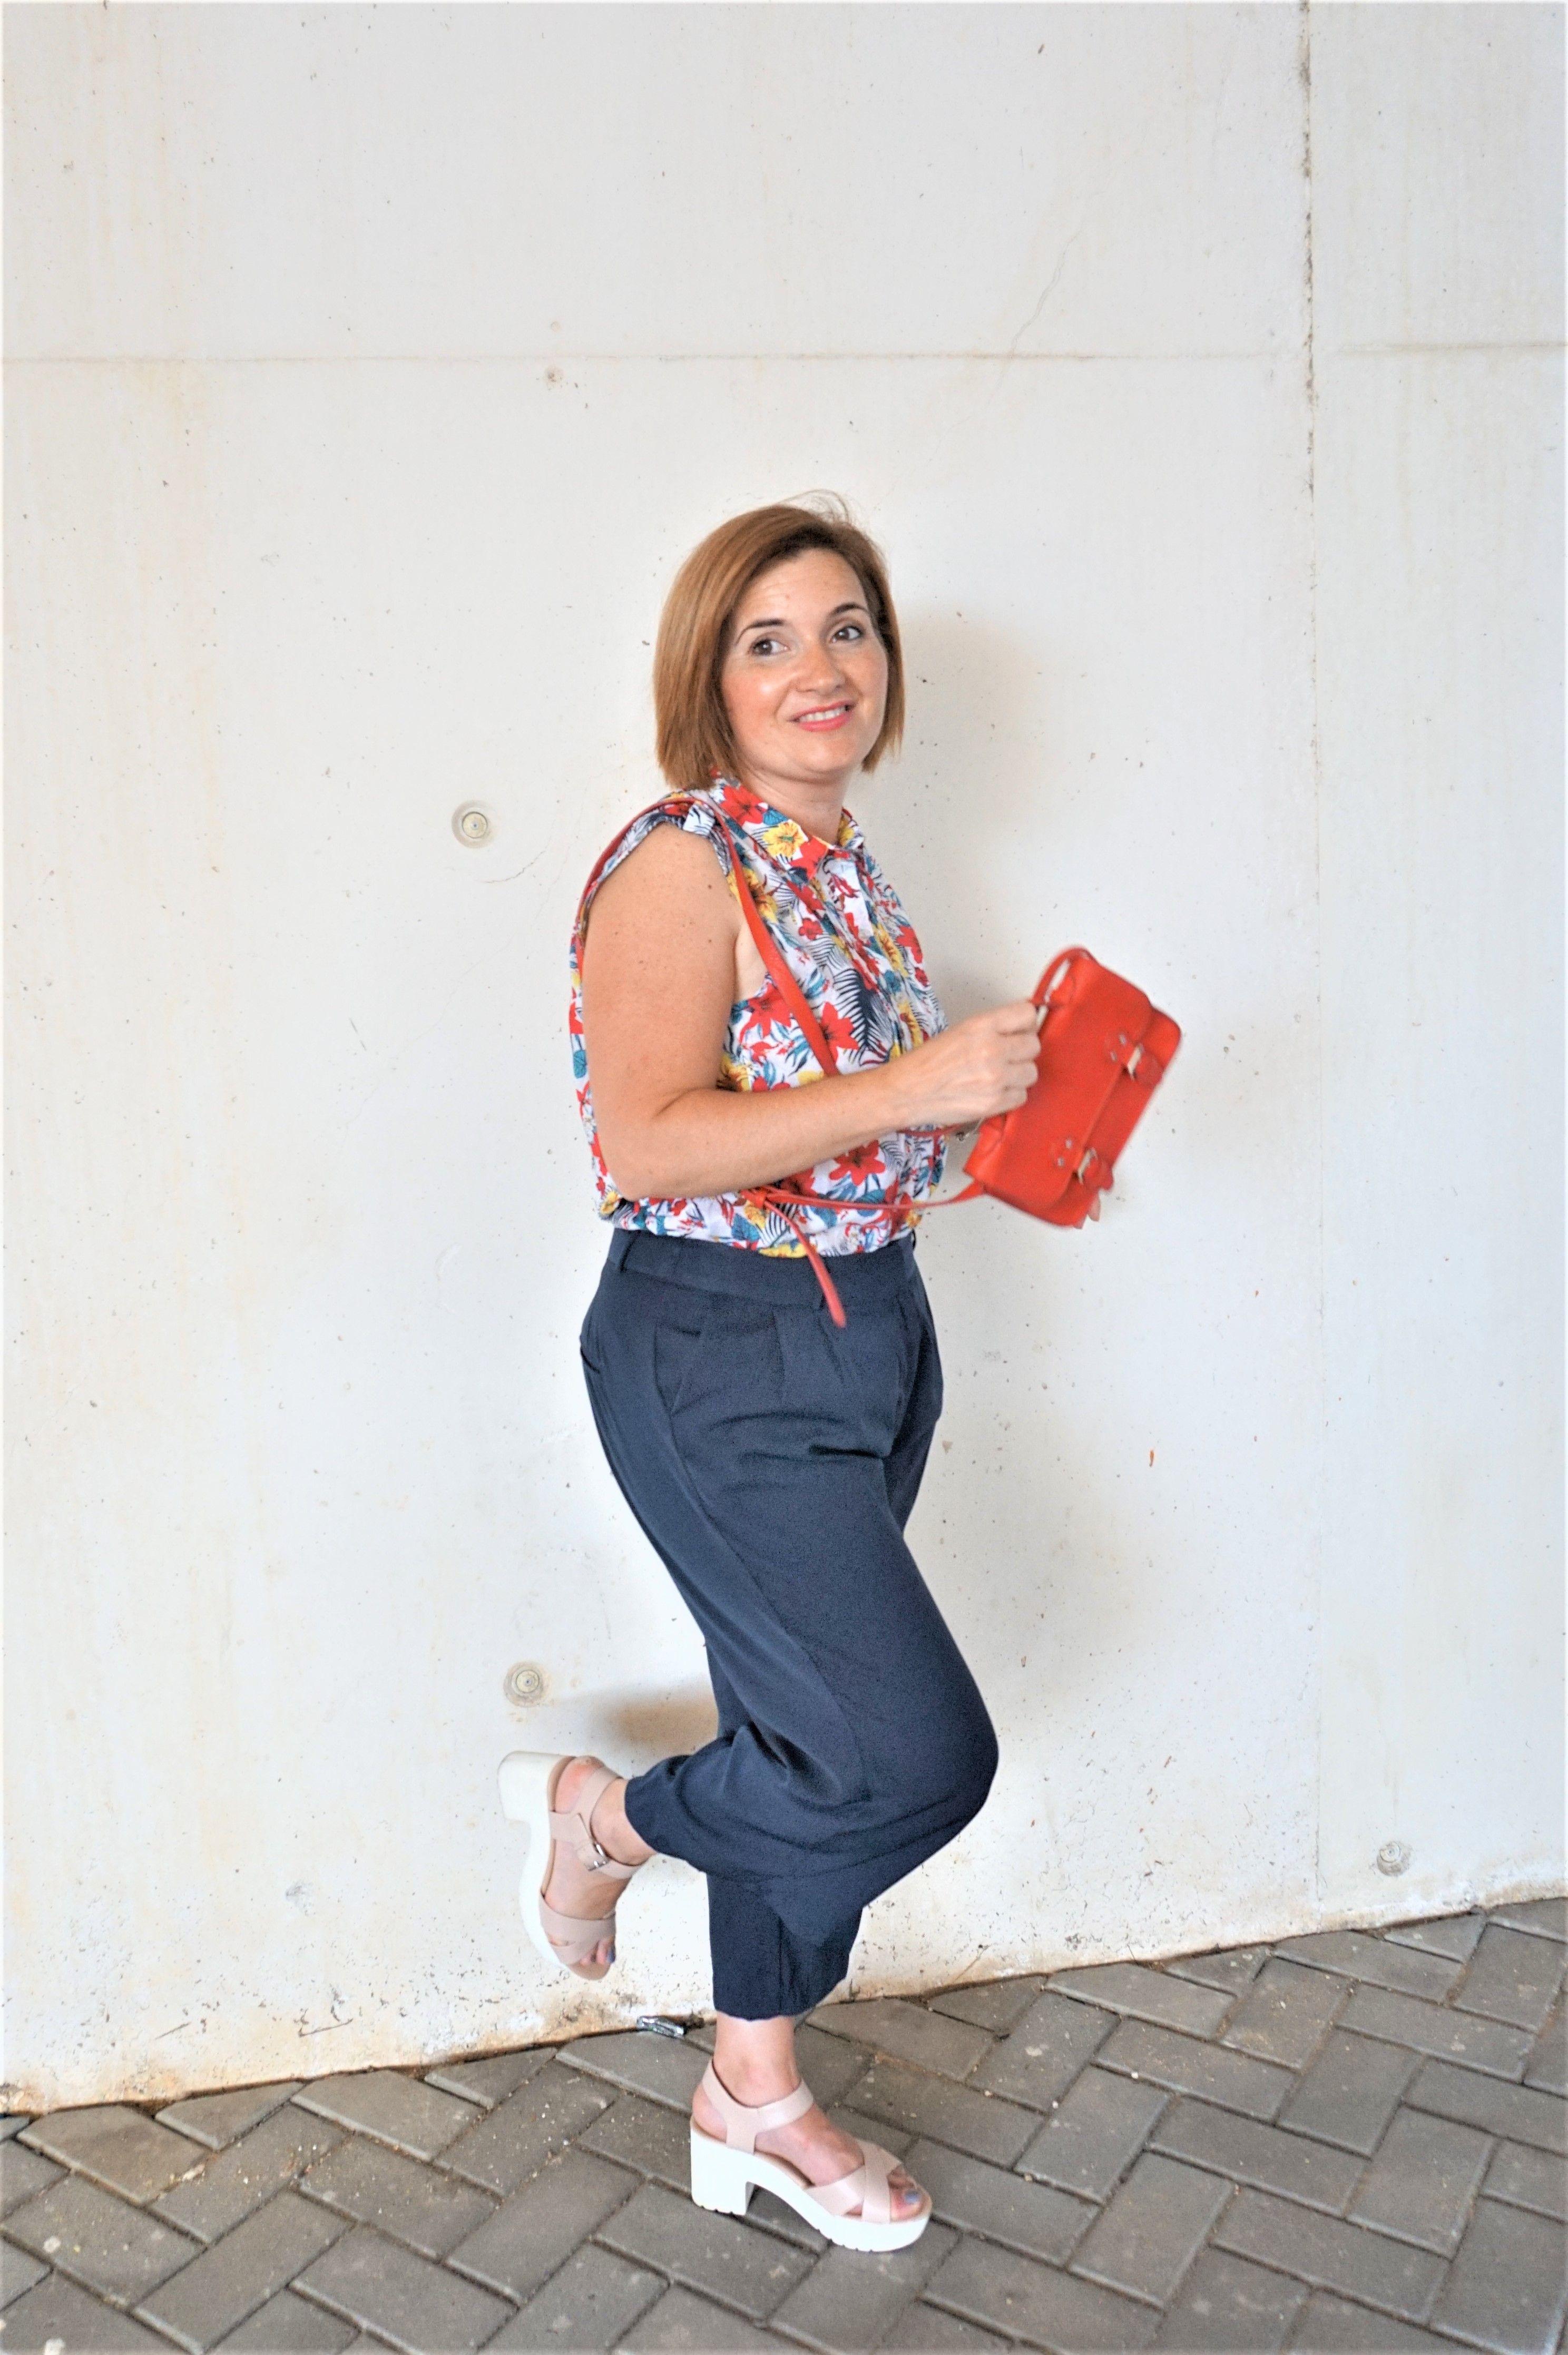 Manual de uso de pantalón culotte para bajitas - buscandotueStilo.com 5ad613c10046